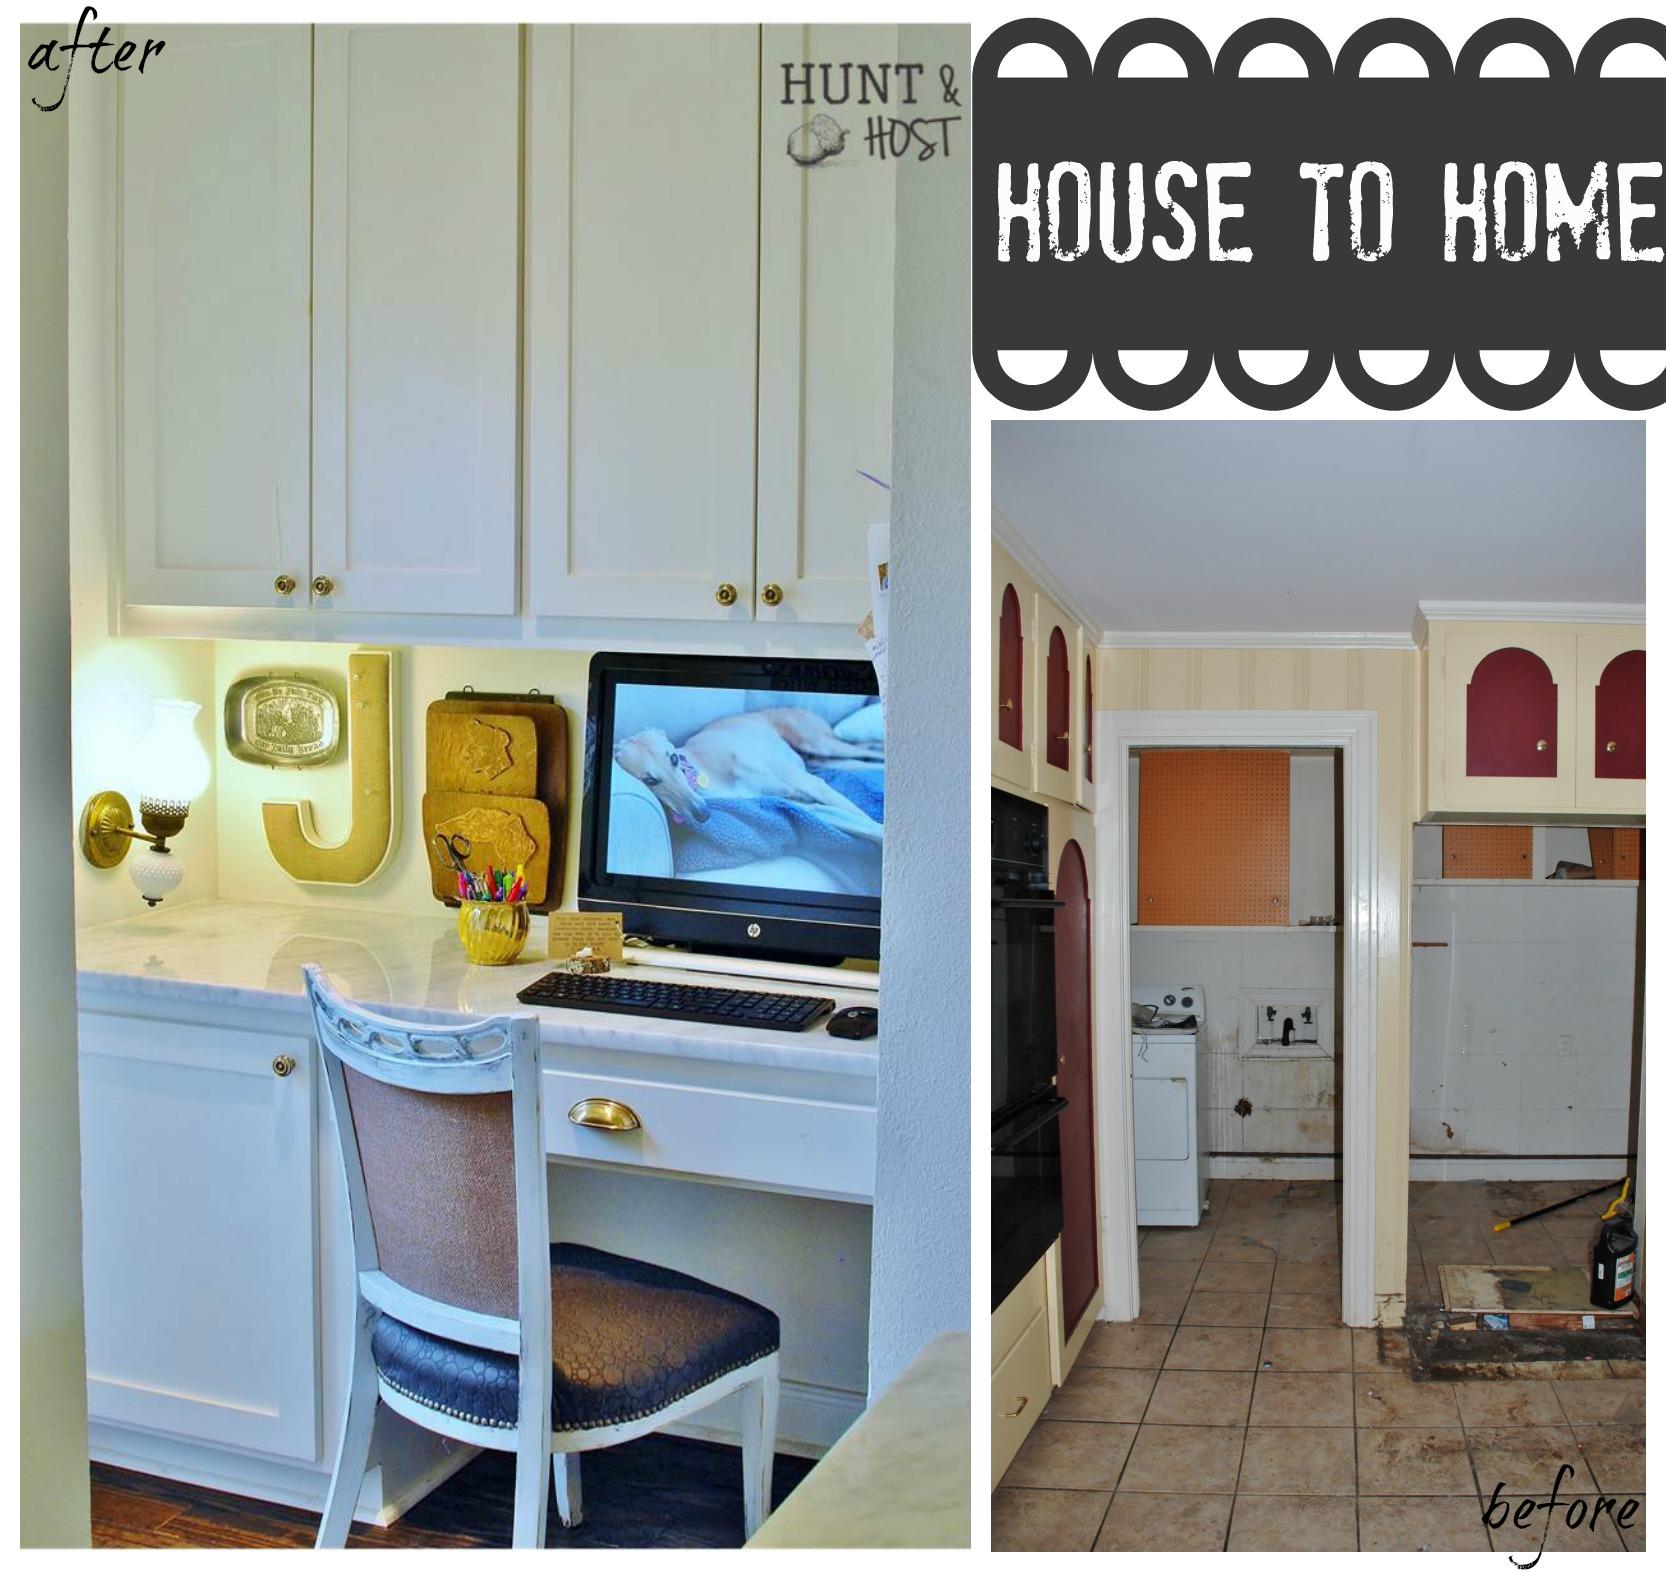 Hunt & Host Home Tour: Kitchen Renovation - Hunt and Host